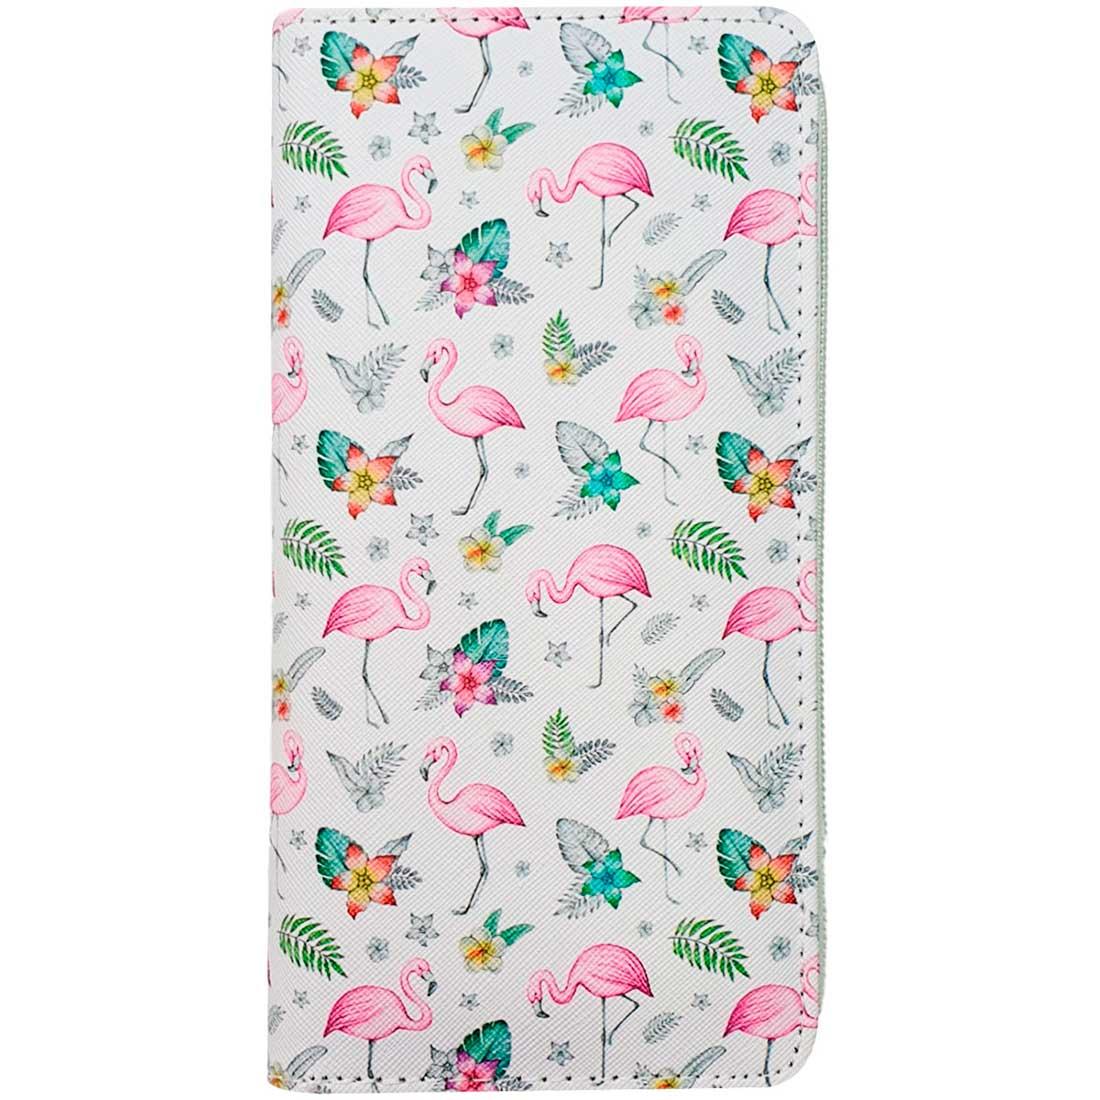 Carteira Estampada de Flamingo - Branco